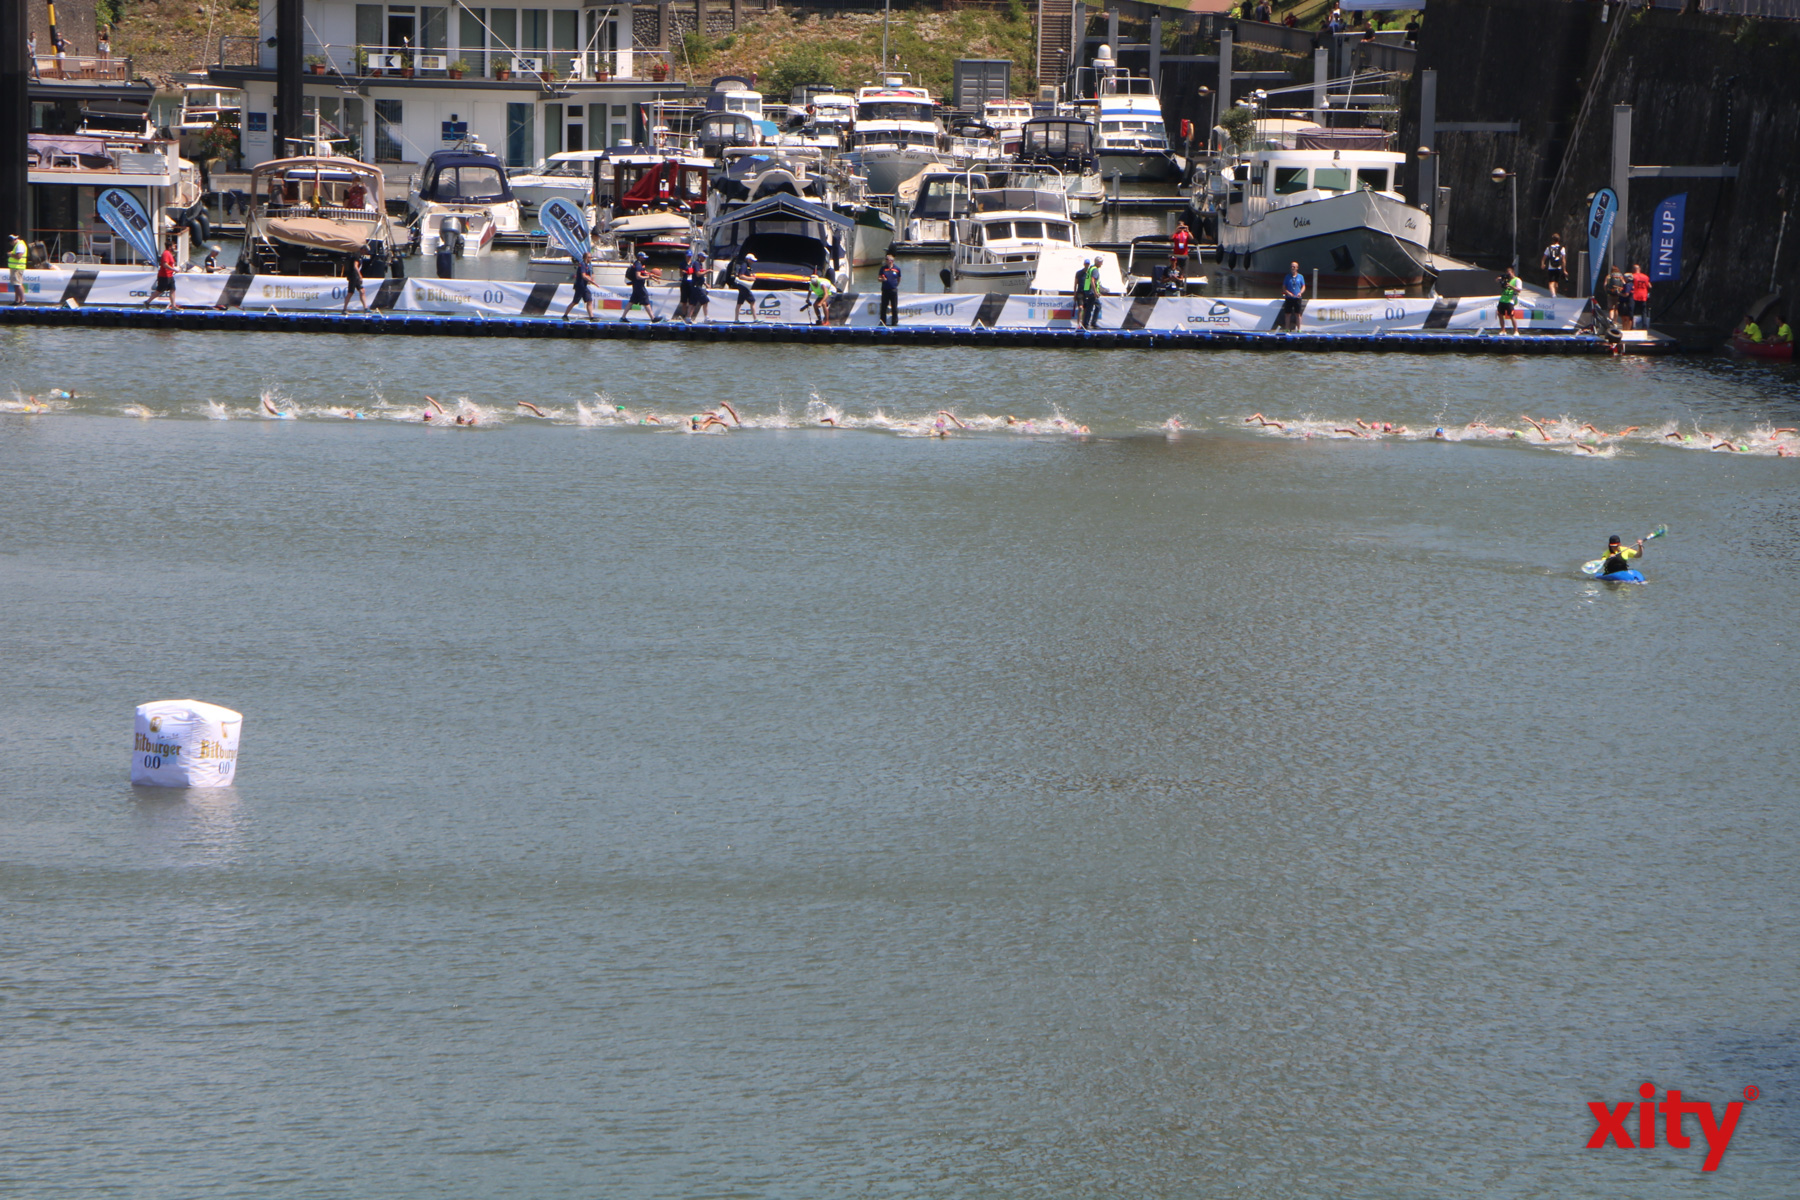 Am Start ging es für die Teilnehmer erstmal ins kühle Nass des Hafenbeckens (Foto: xity)